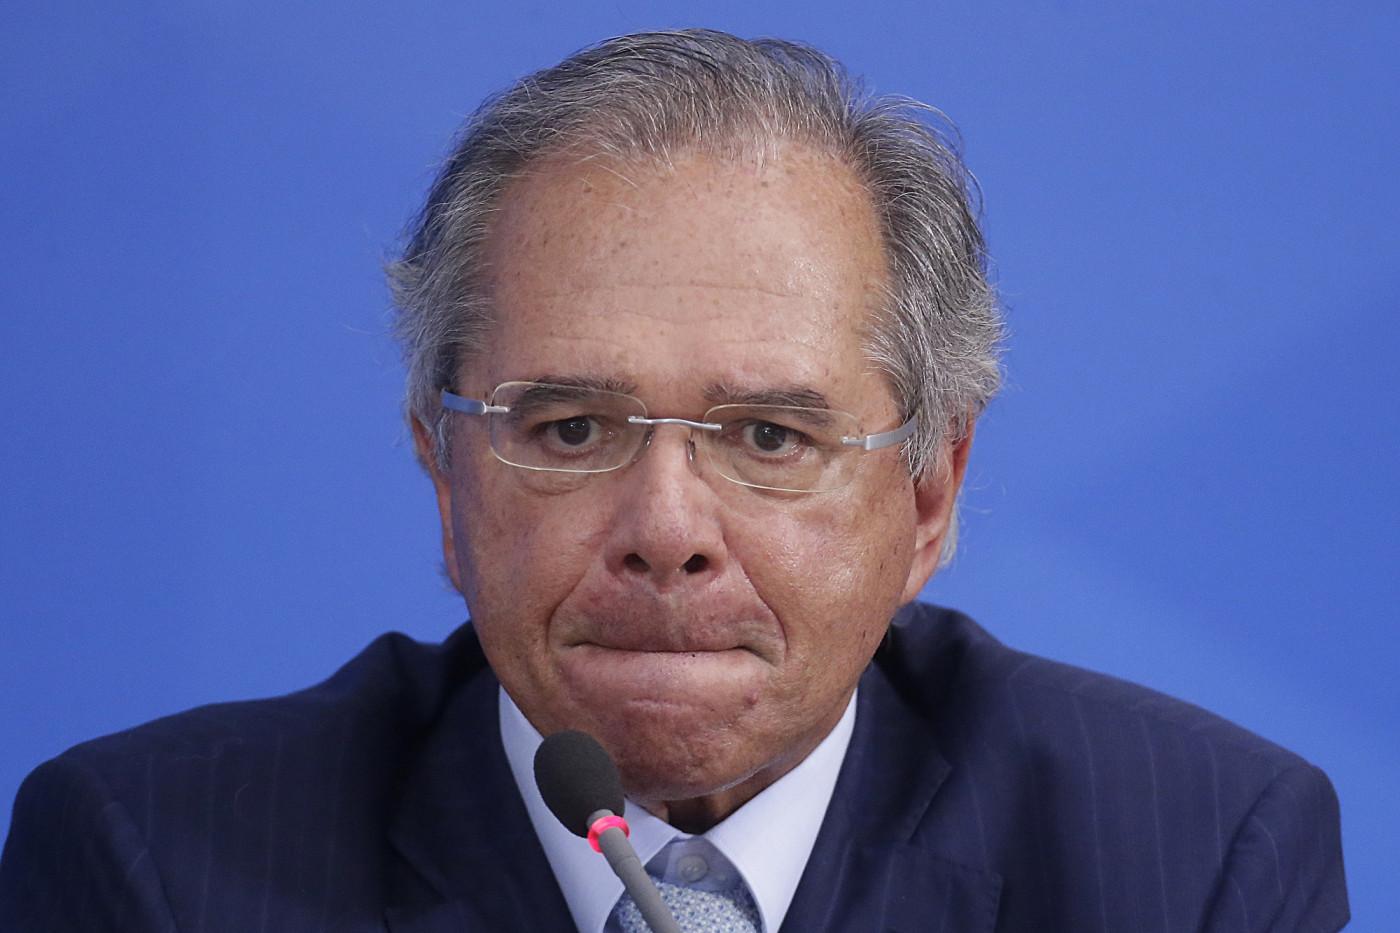 Ministro da Economia afirma que redução dos impostos para pessoas físicas e empresas será recomposta pela taxação de dividendos